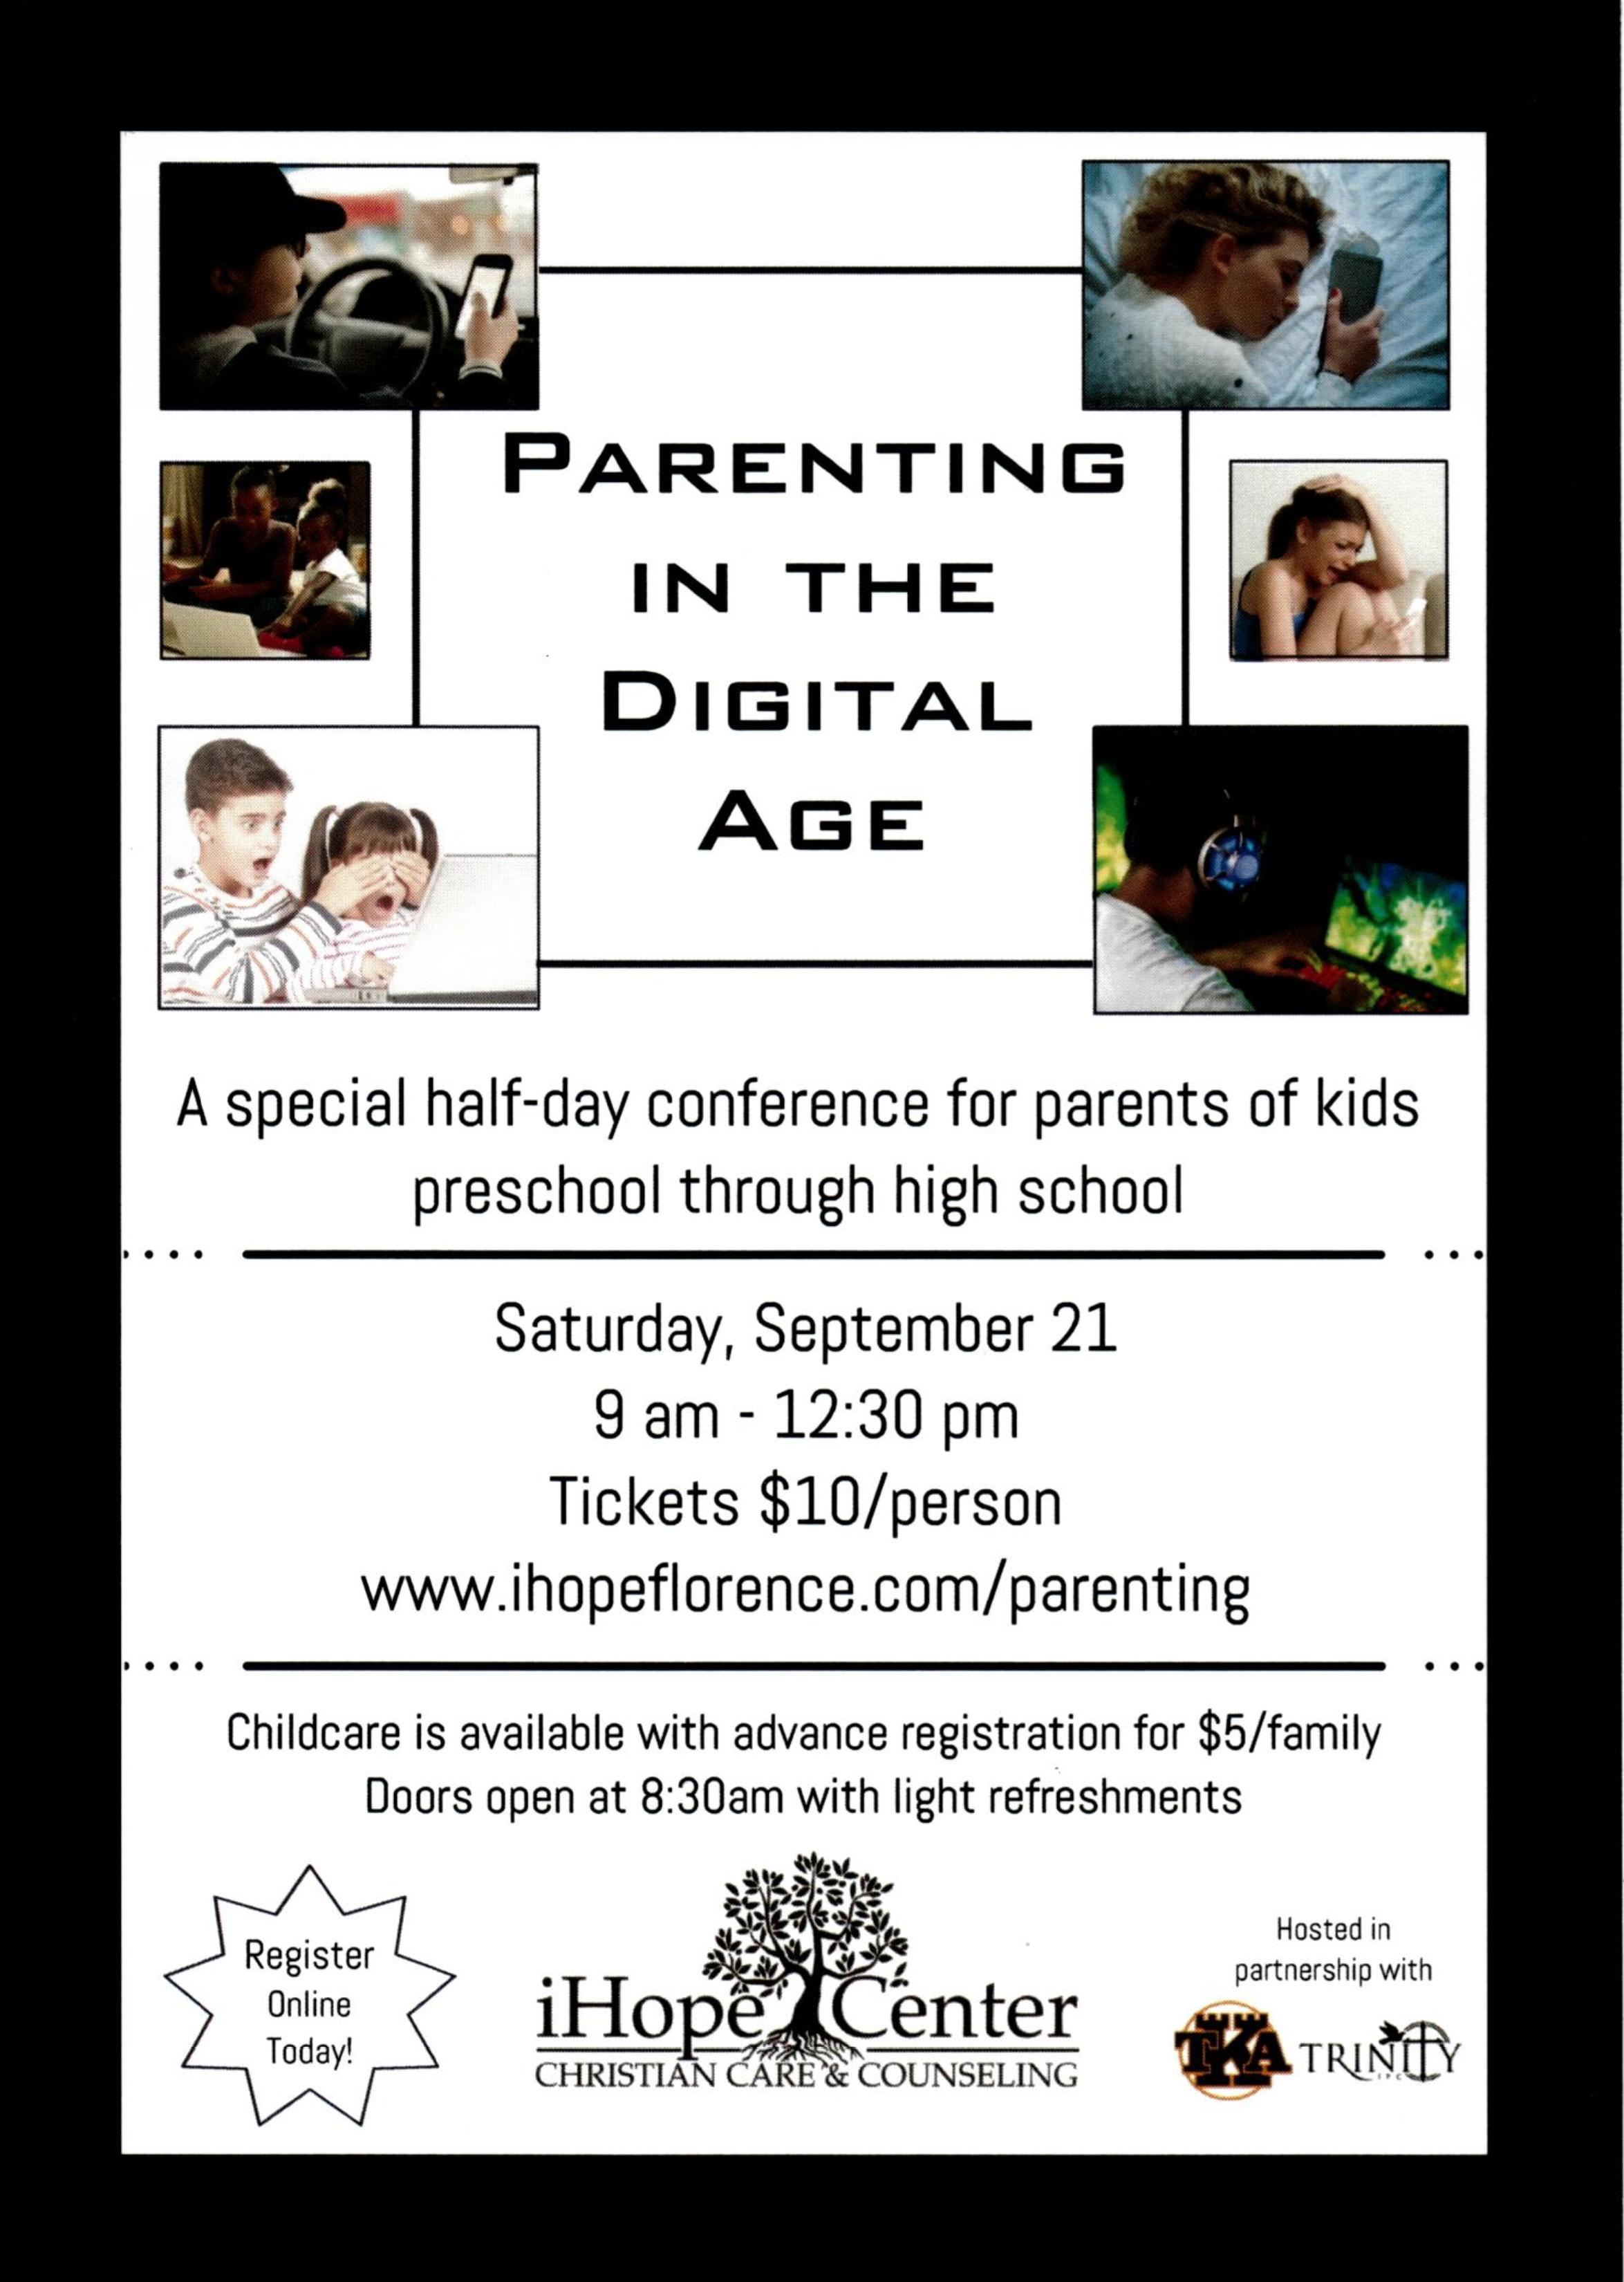 Flyer_Parenting_in_Digital_Age.jpg